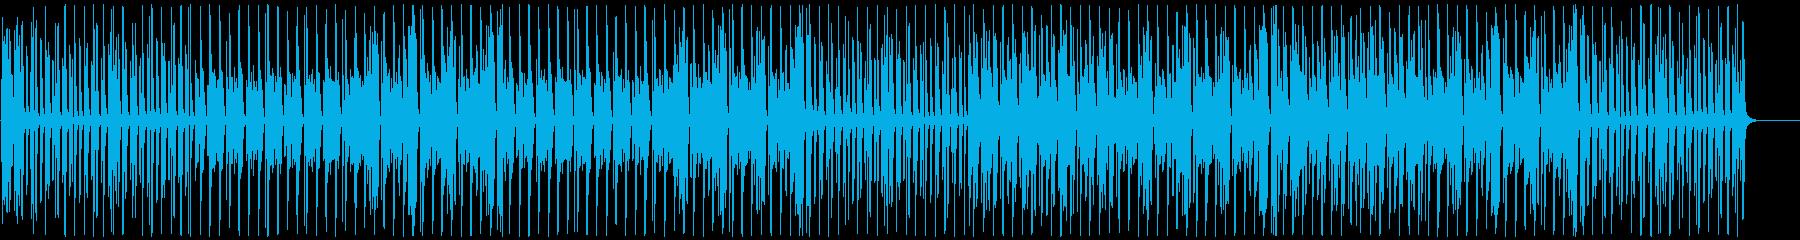 ポップで明るく楽し気なBGMの再生済みの波形